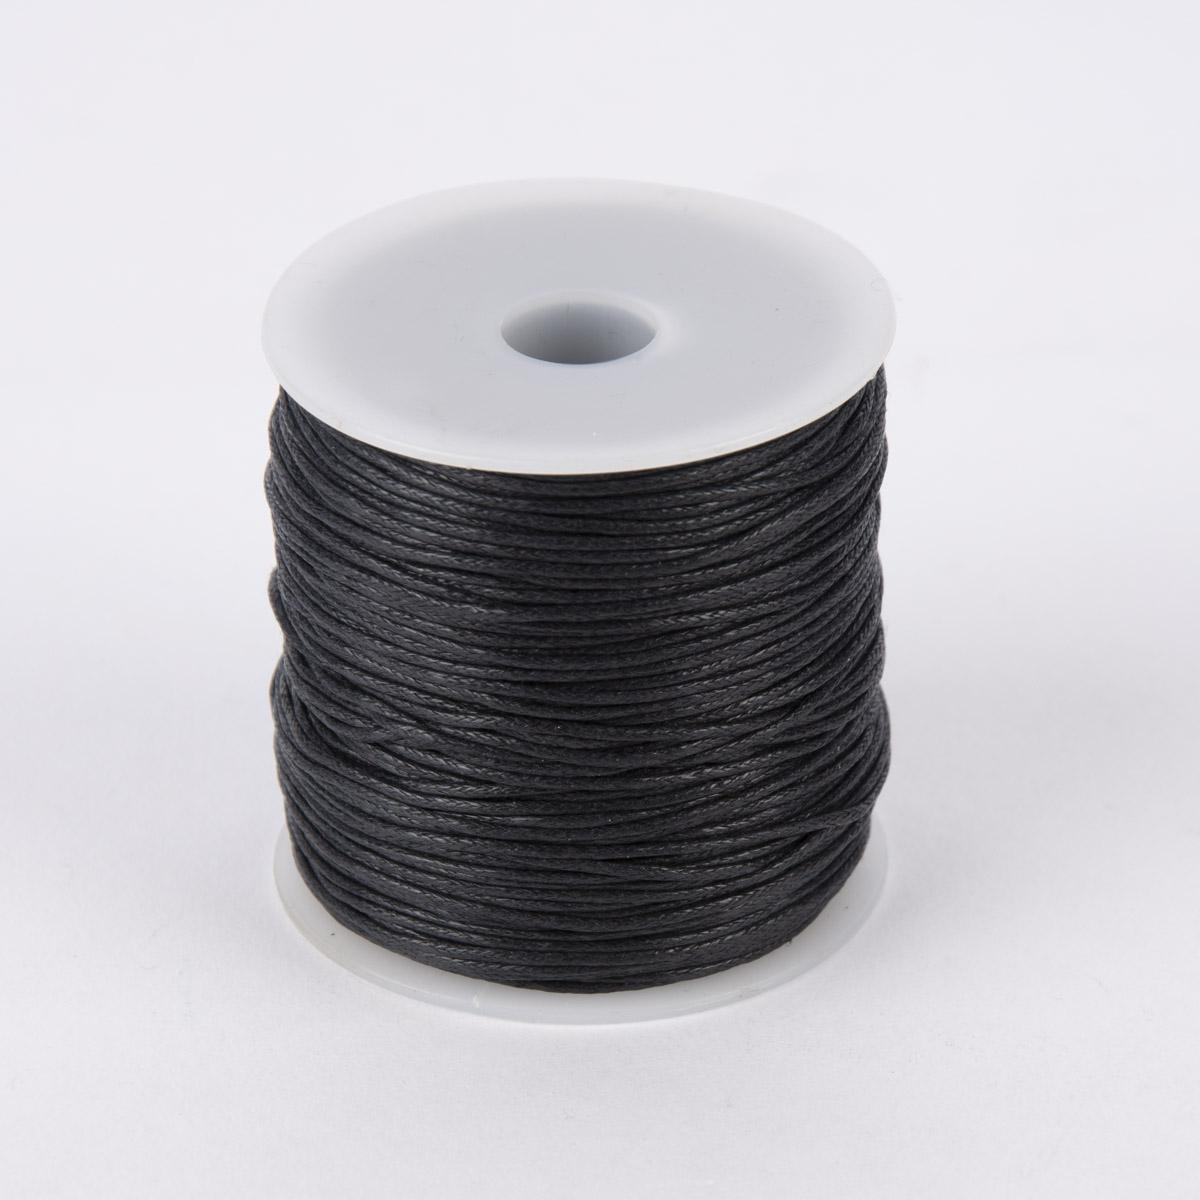 Creativ Company Baumwollband gewachst 1mm schwarz 100m